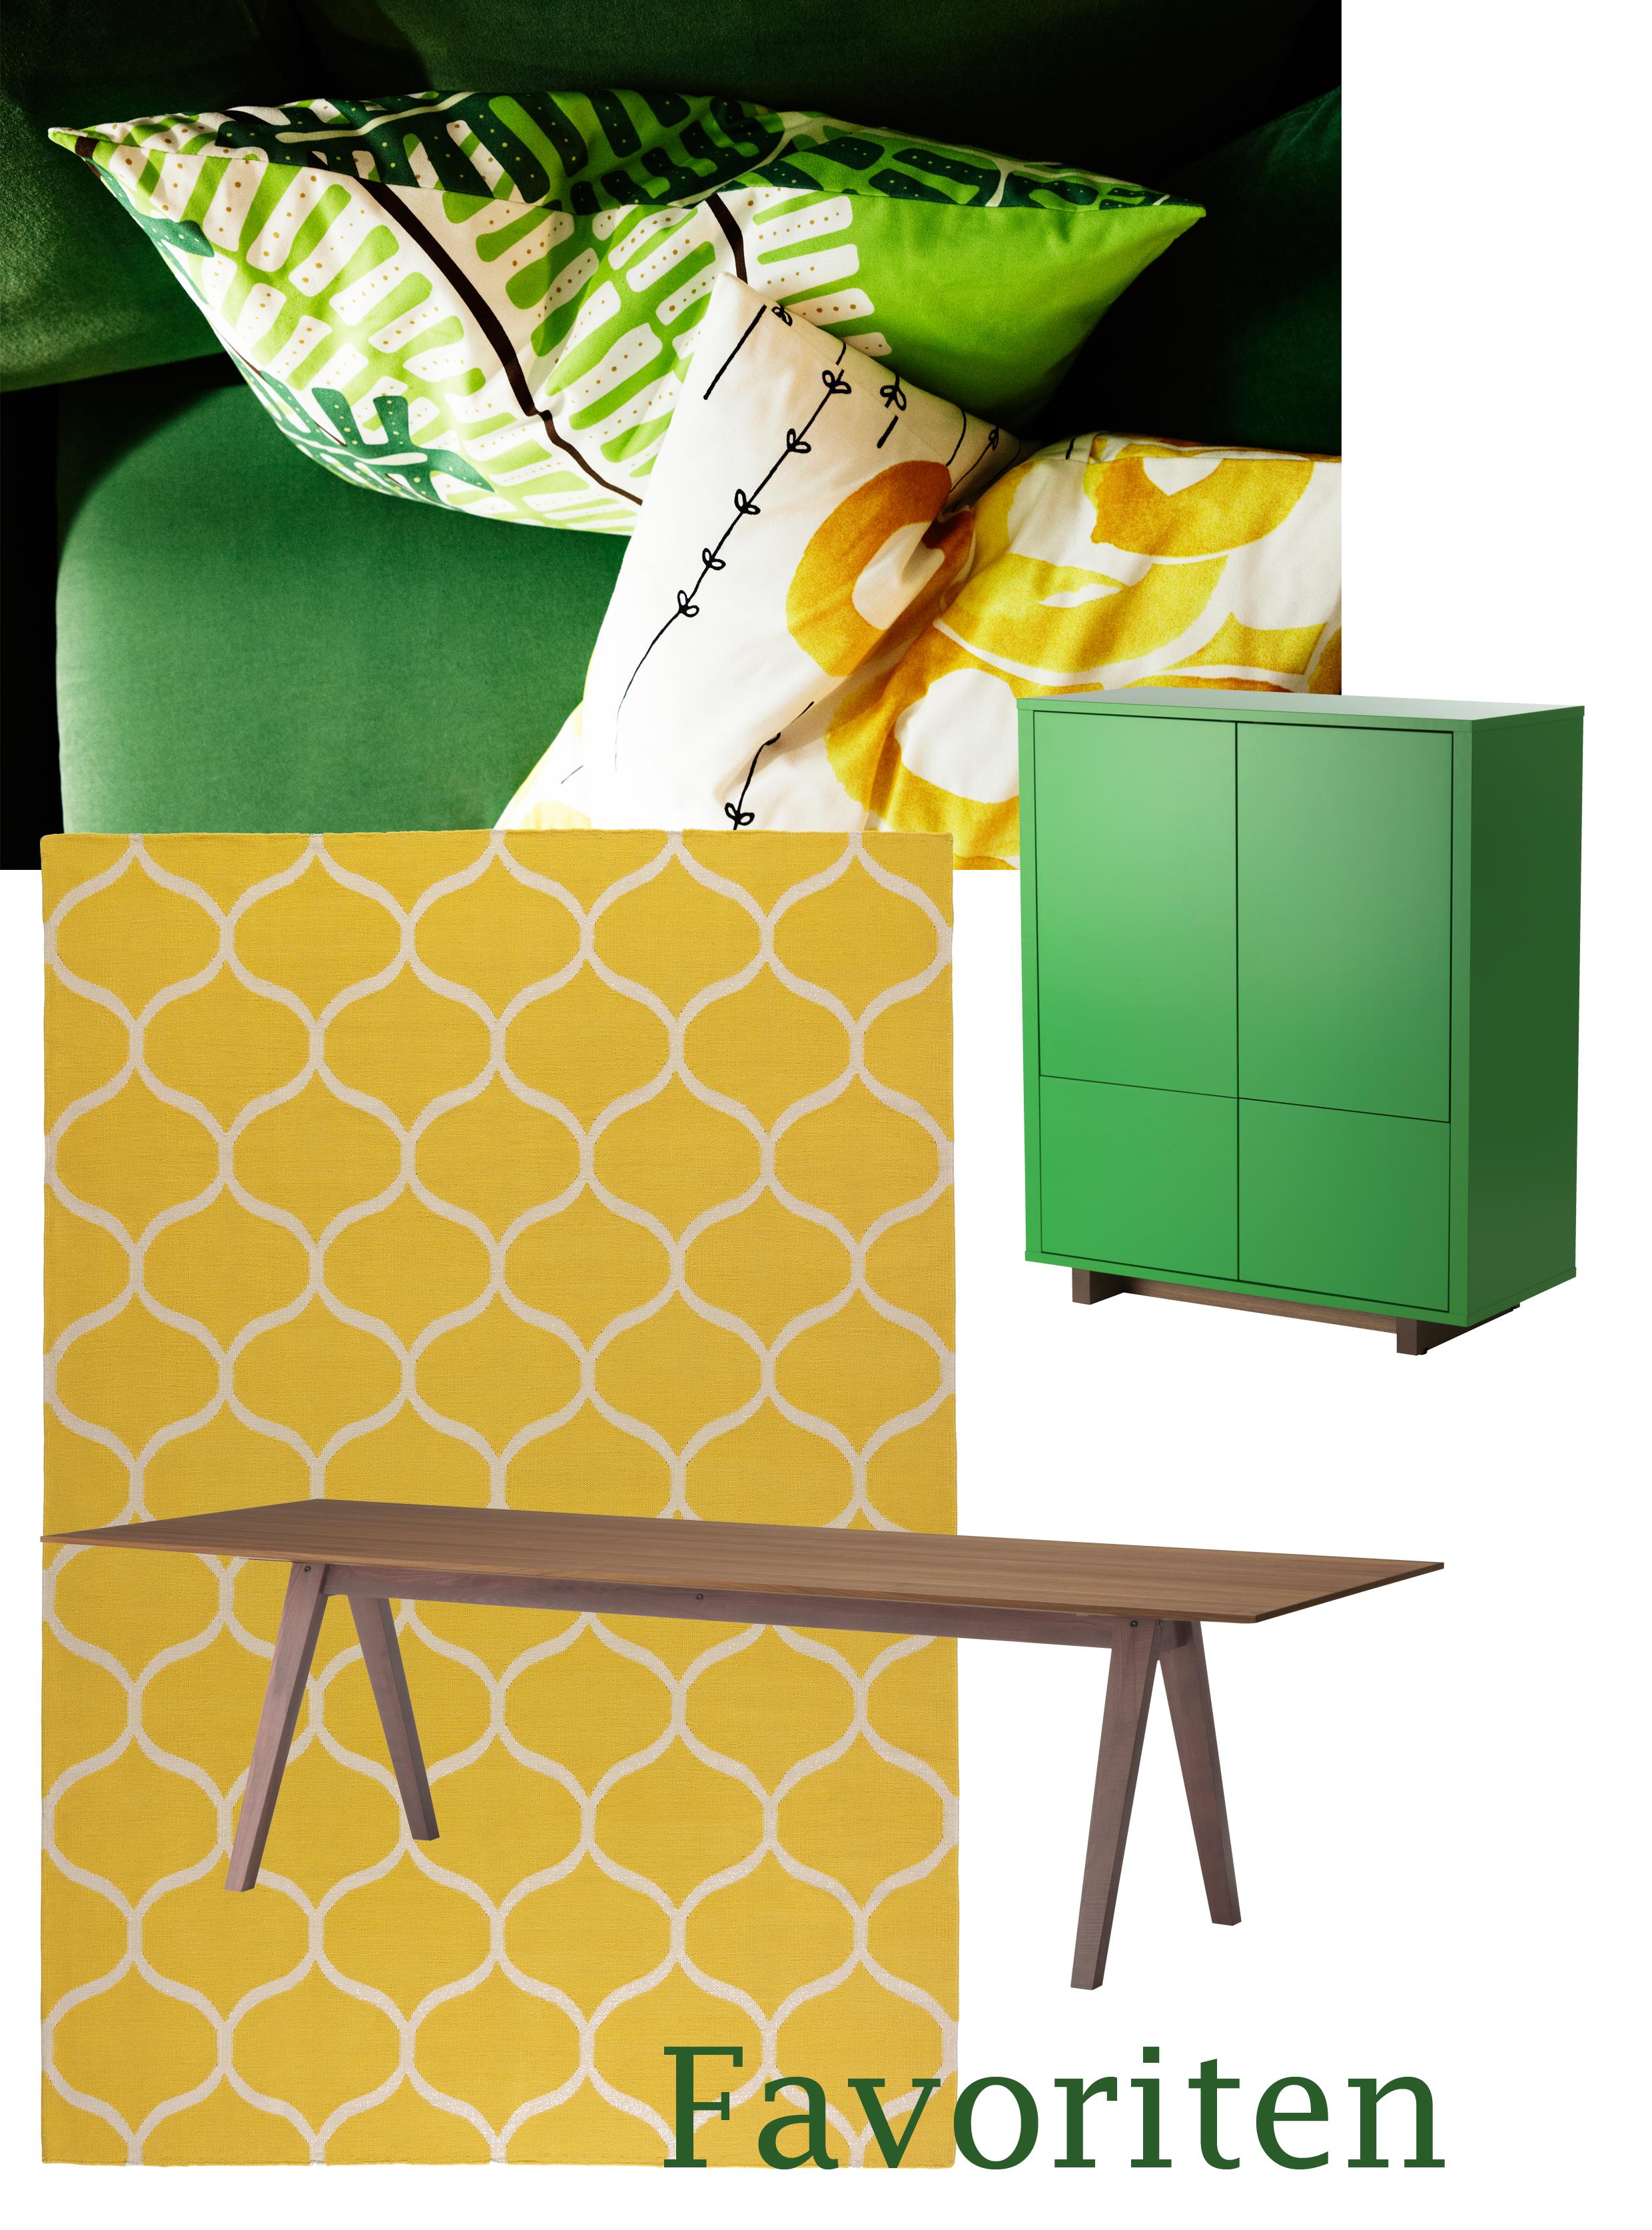 Stockholm Kollektion: Meterware (als Kissen genäht) | Schrank mit Türen & Schubladen | Teppich | Esstisch aus massivem Holz/Nussbaum Furnier. Bilder: IKEA